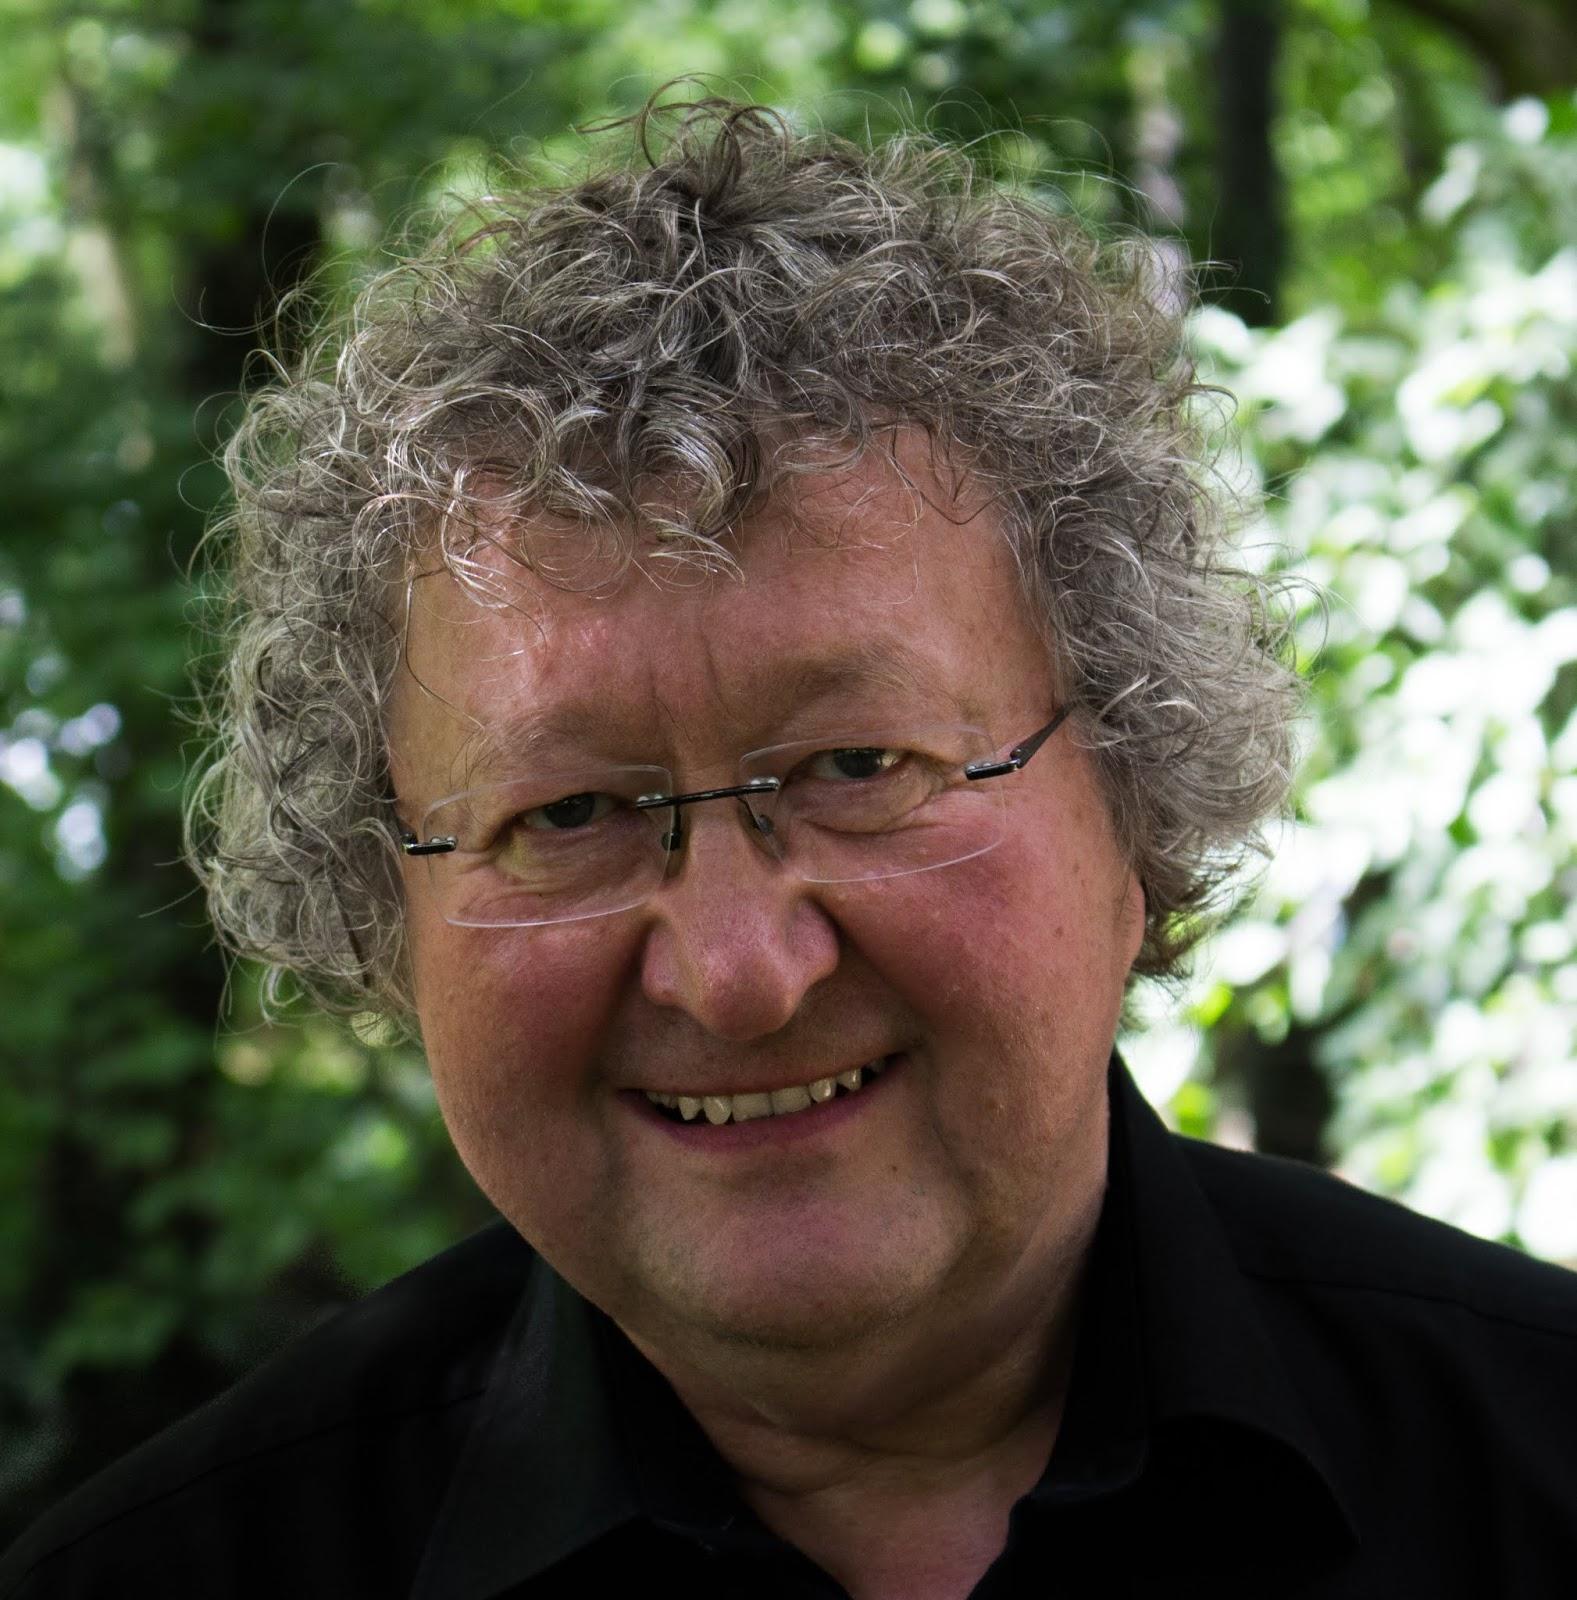 Werner Josef Patzelt Nopegida